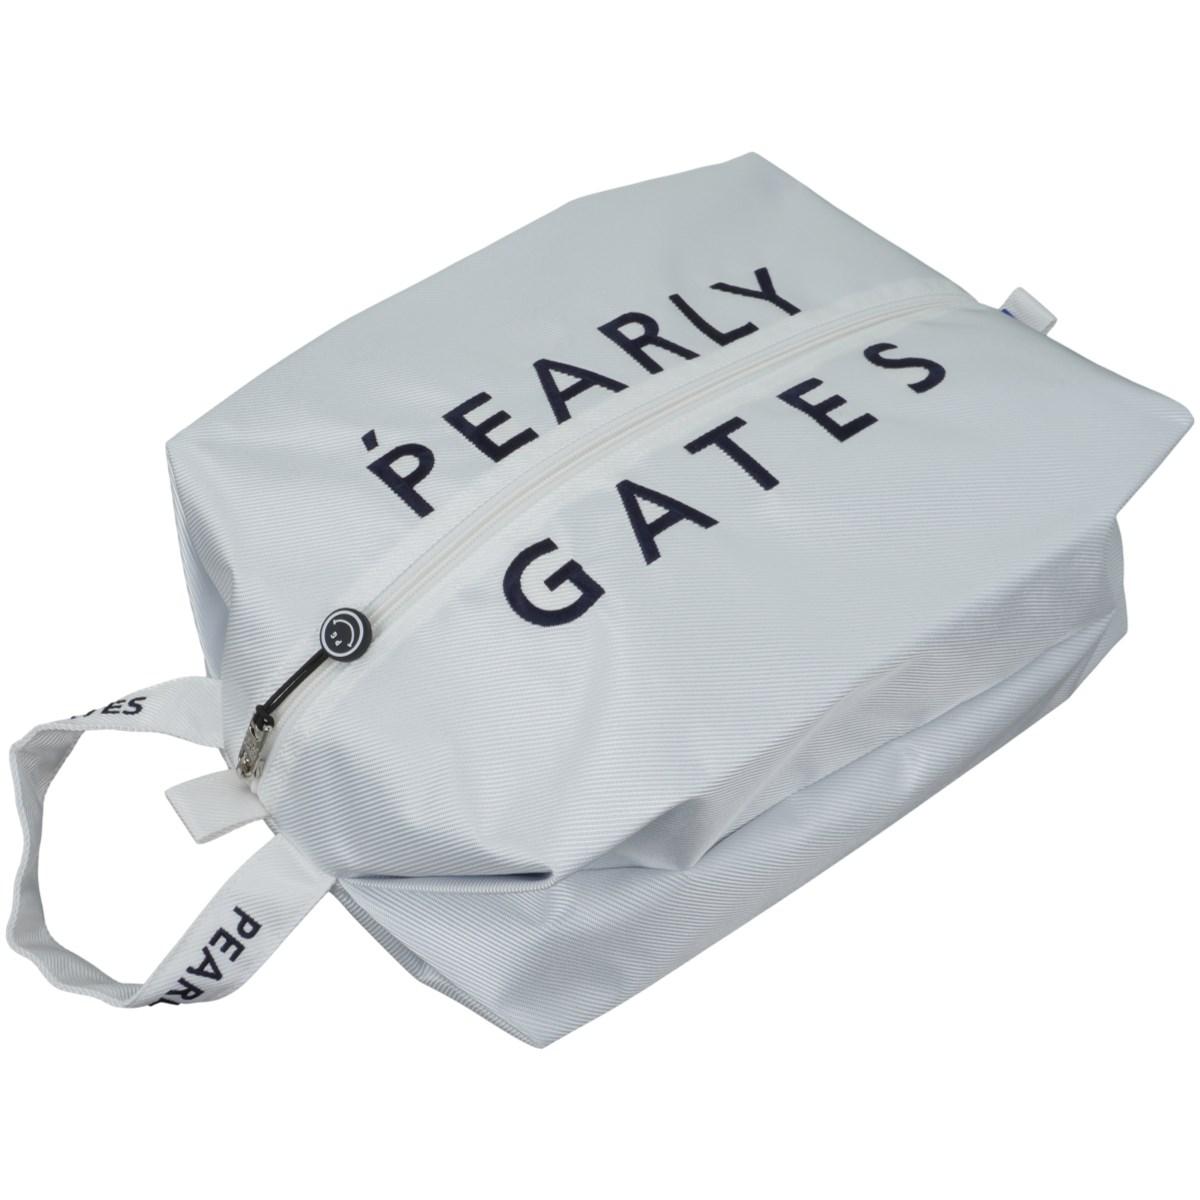 [定番モデル] パーリーゲイツ PEARLY GATES シューズケース ホワイト 030 メンズ ゴルフ